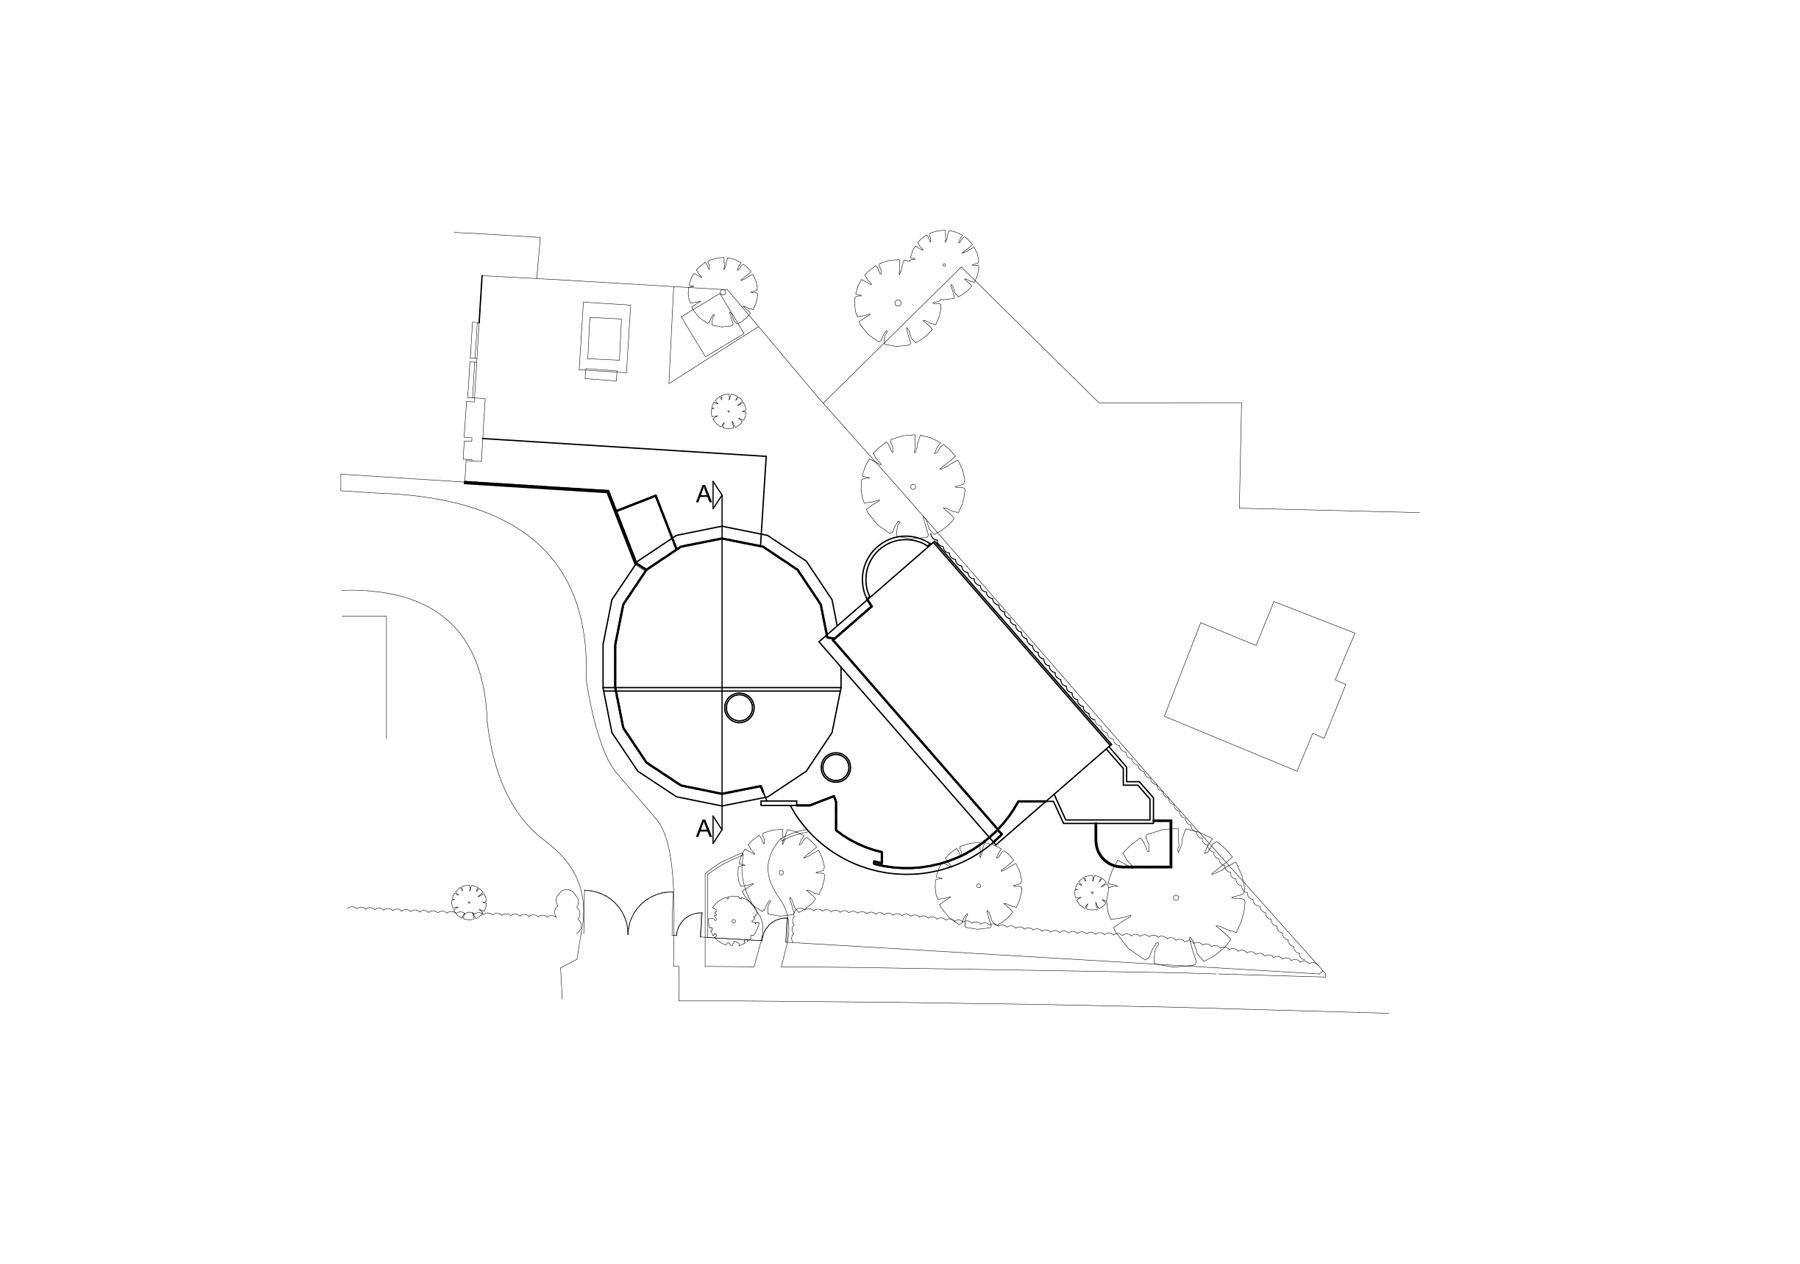 chery-lane-ss-plan1